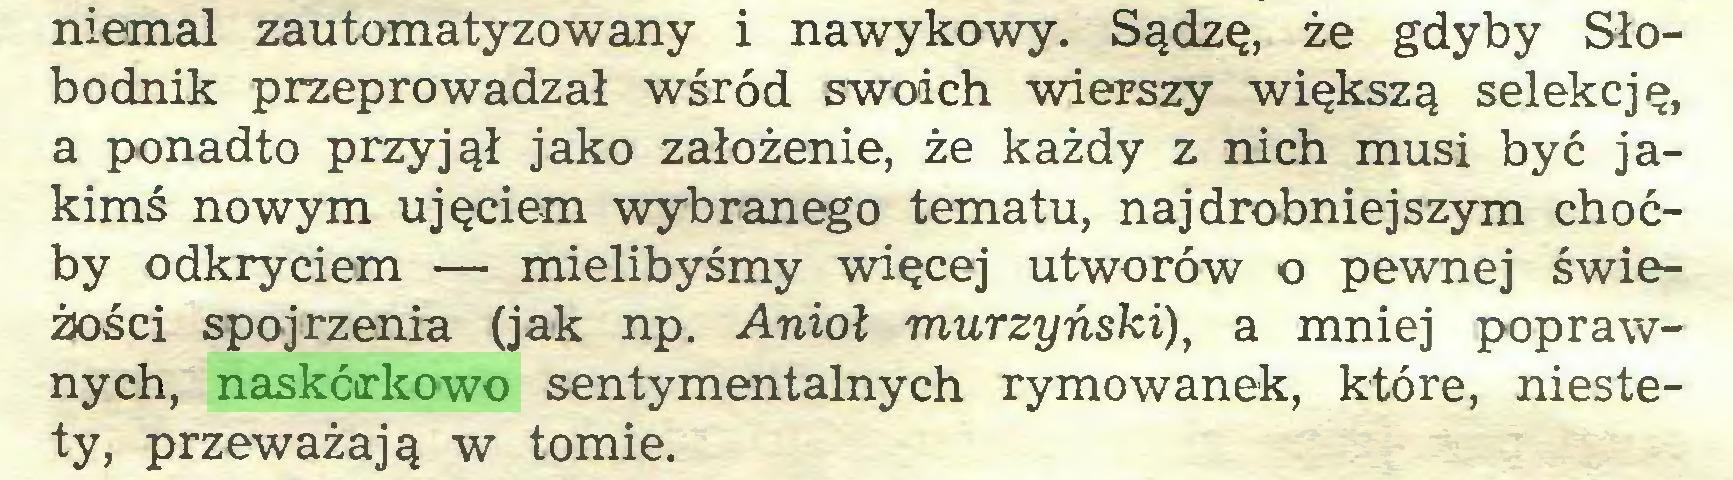 (...) niemal zautomatyzowany i nawykowy. Sądzę, że gdyby Słobodnik przeprowadzał wśród swoich wierszy większą selekcję, a ponadto przyjął jako założenie, że każdy z nich musi być jakimś nowym ujęciem wybranego tematu, najdrobniejszym choćby odkryciem — mielibyśmy więcej utworów o pewnej świeżości spojrzenia (jak np. Anioł murzyński), a mniej poprawnych, naskórkowo sentymentalnych rymowanek, które, niestety, przeważają w tomie...